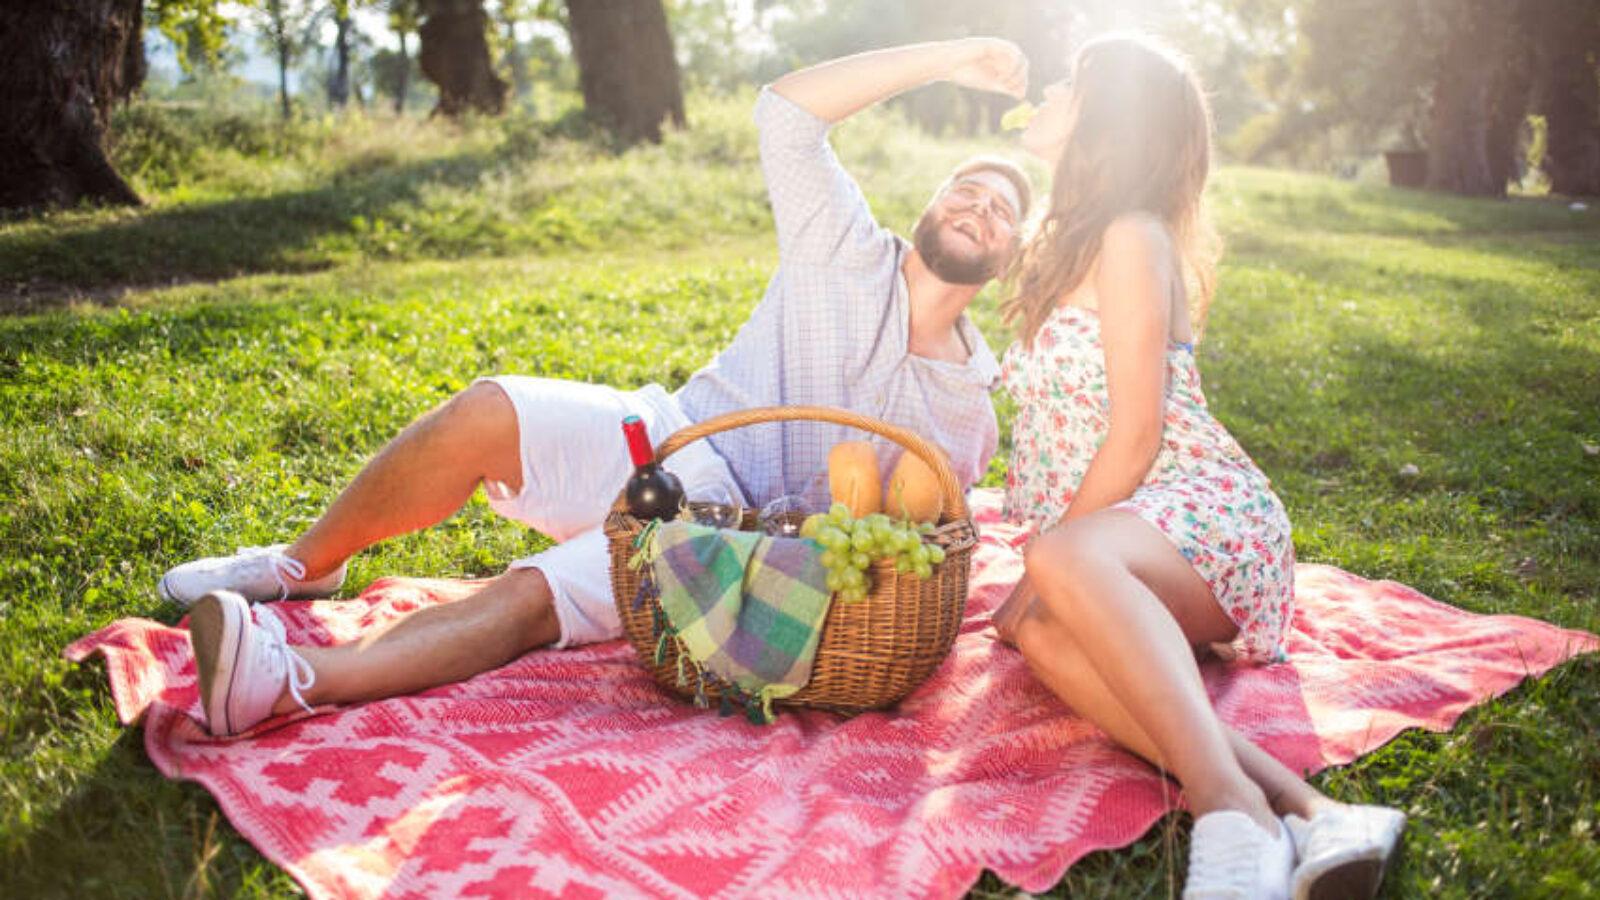 Hamburgs romantische Seiten — die besten Plätze für ein Picknick zu zweit